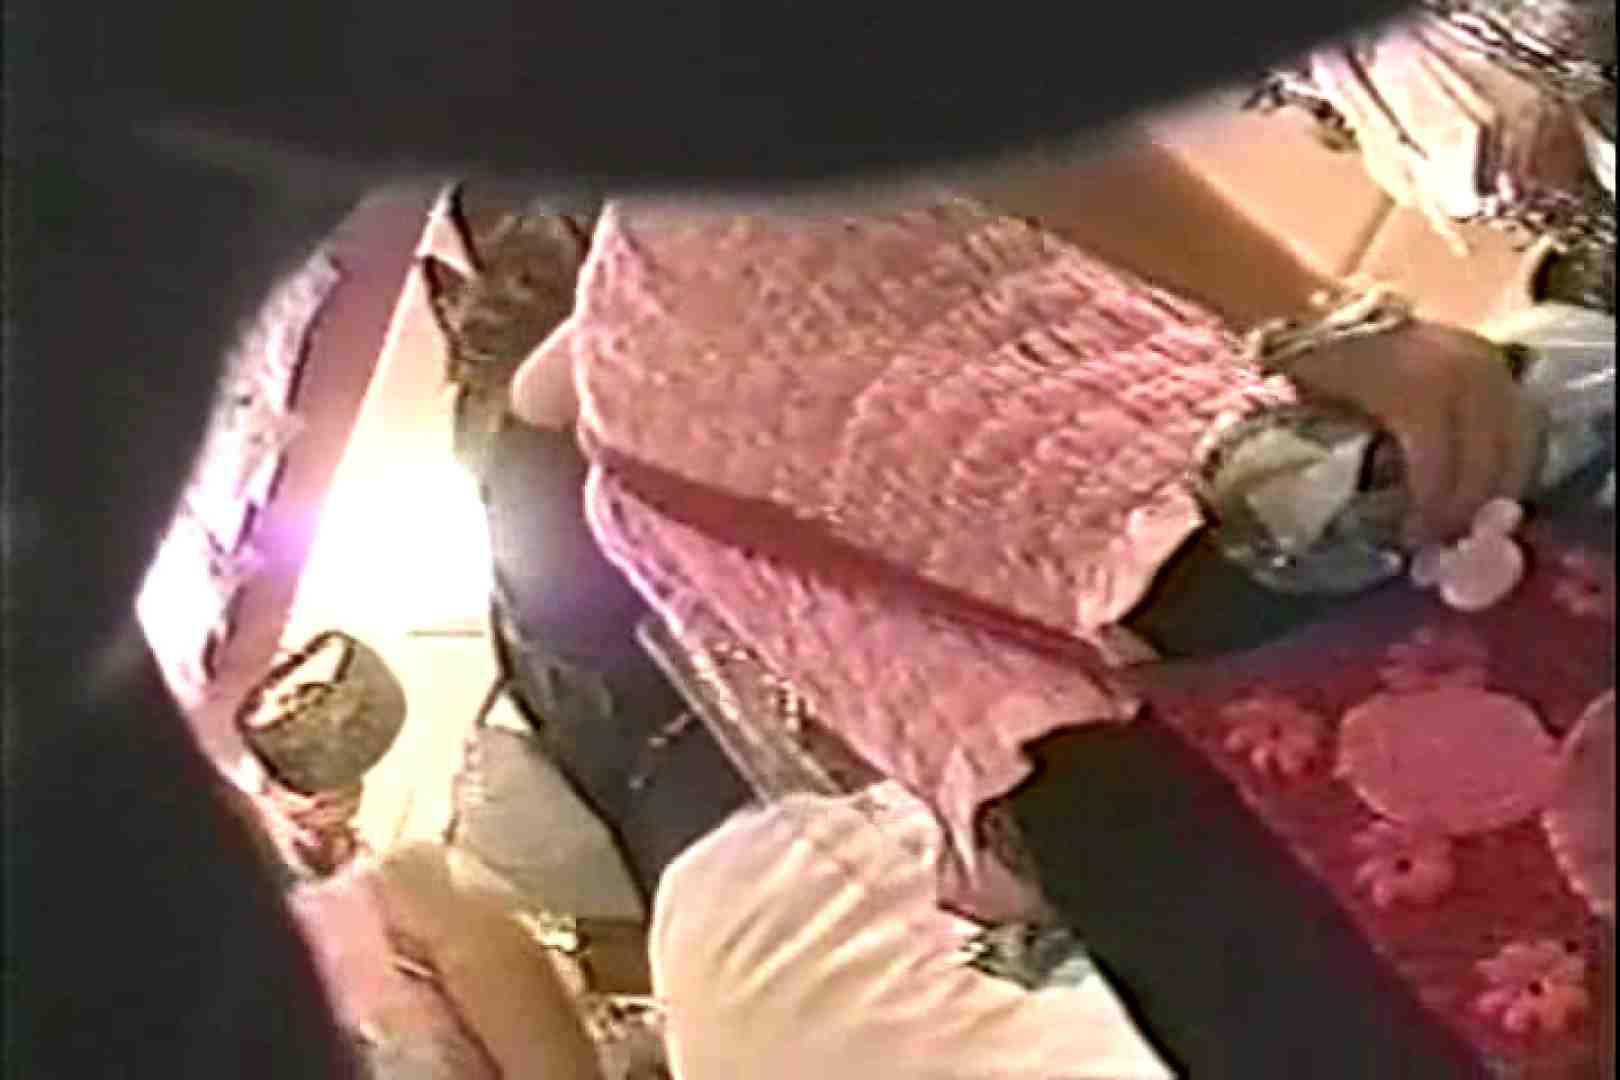 「ちくりん」さんのオリジナル未編集パンチラVol.6_01 チラ歓迎 すけべAV動画紹介 95pic 14